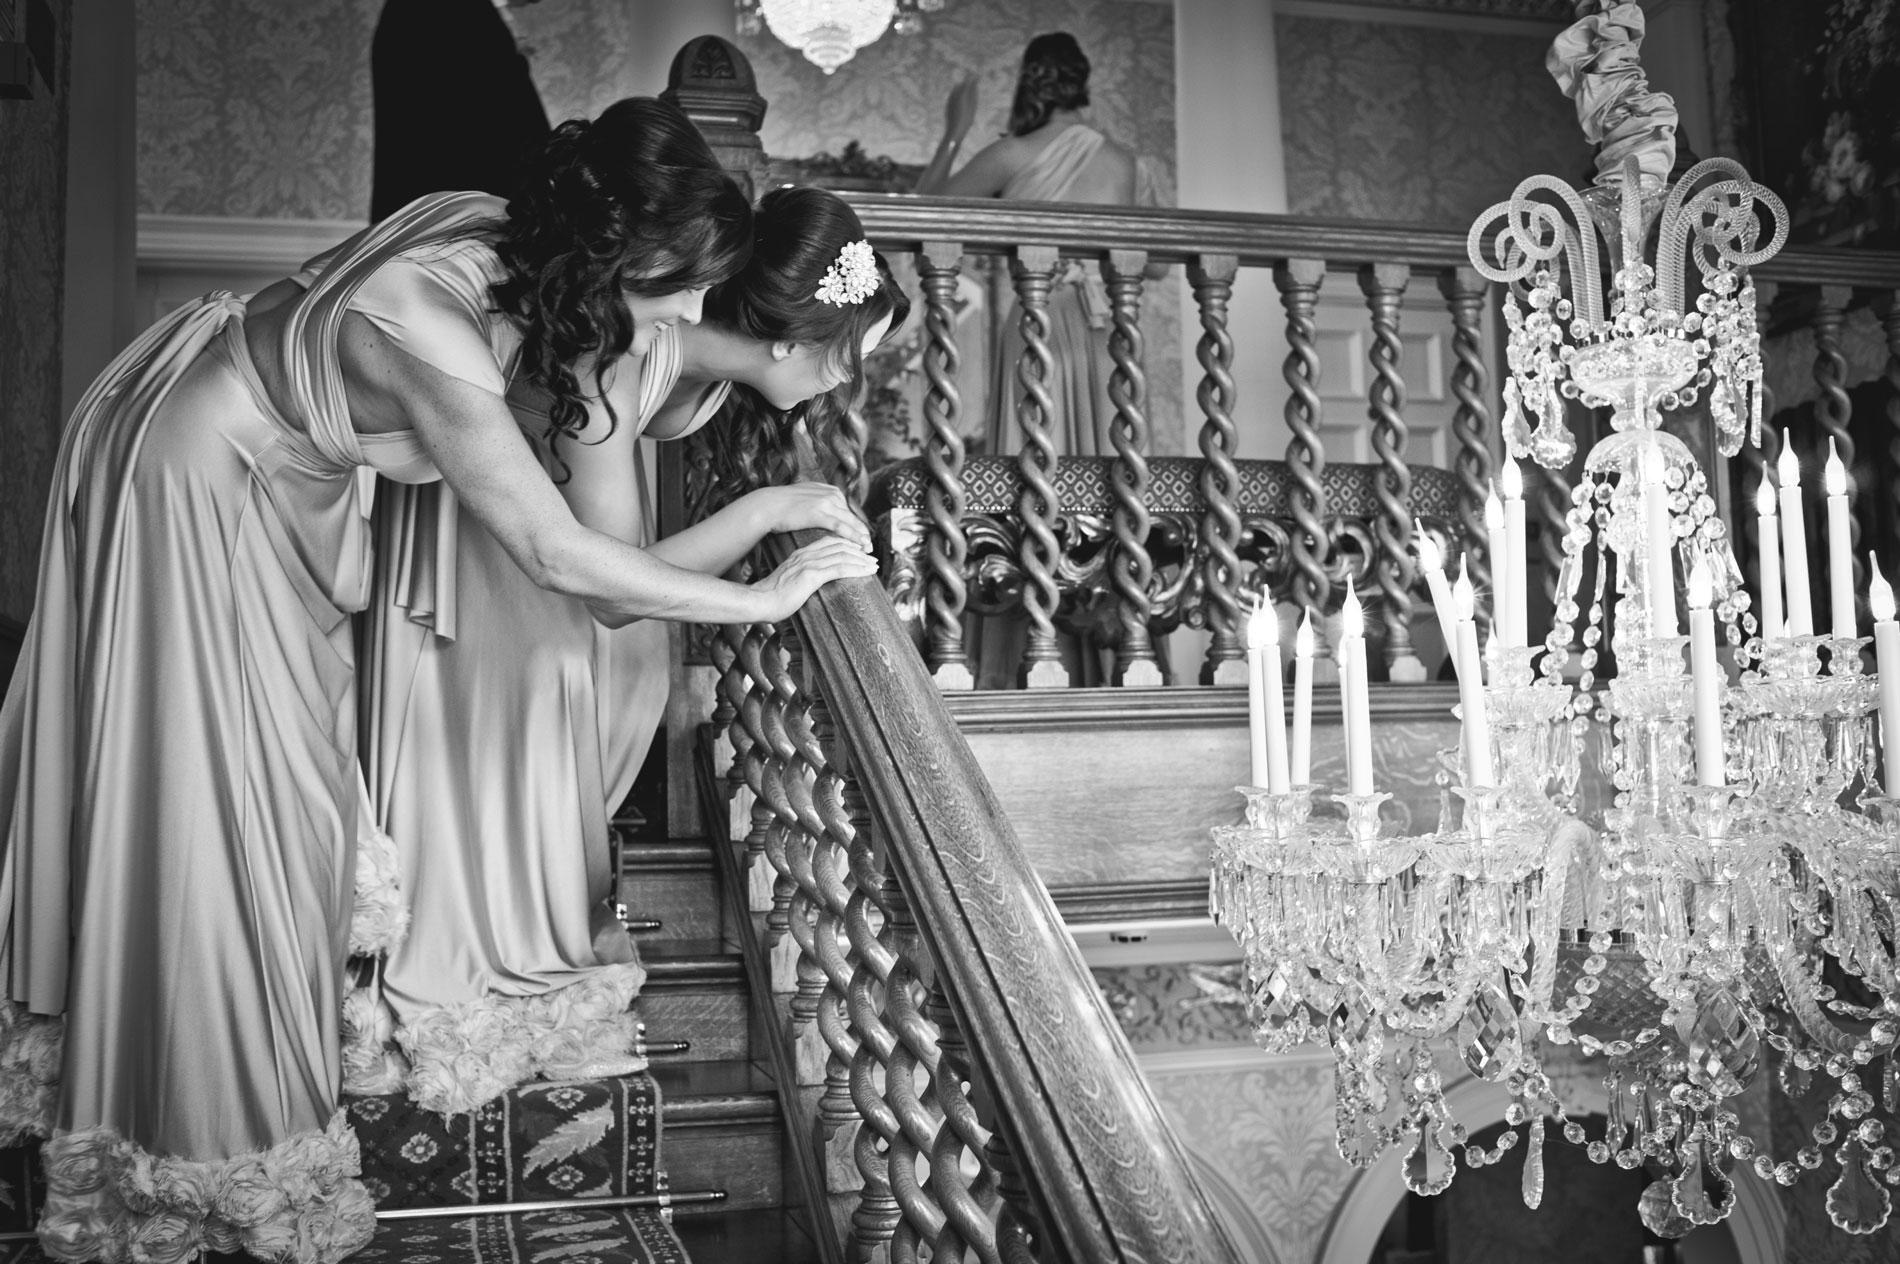 Kilworth-weddings-_14.jpg